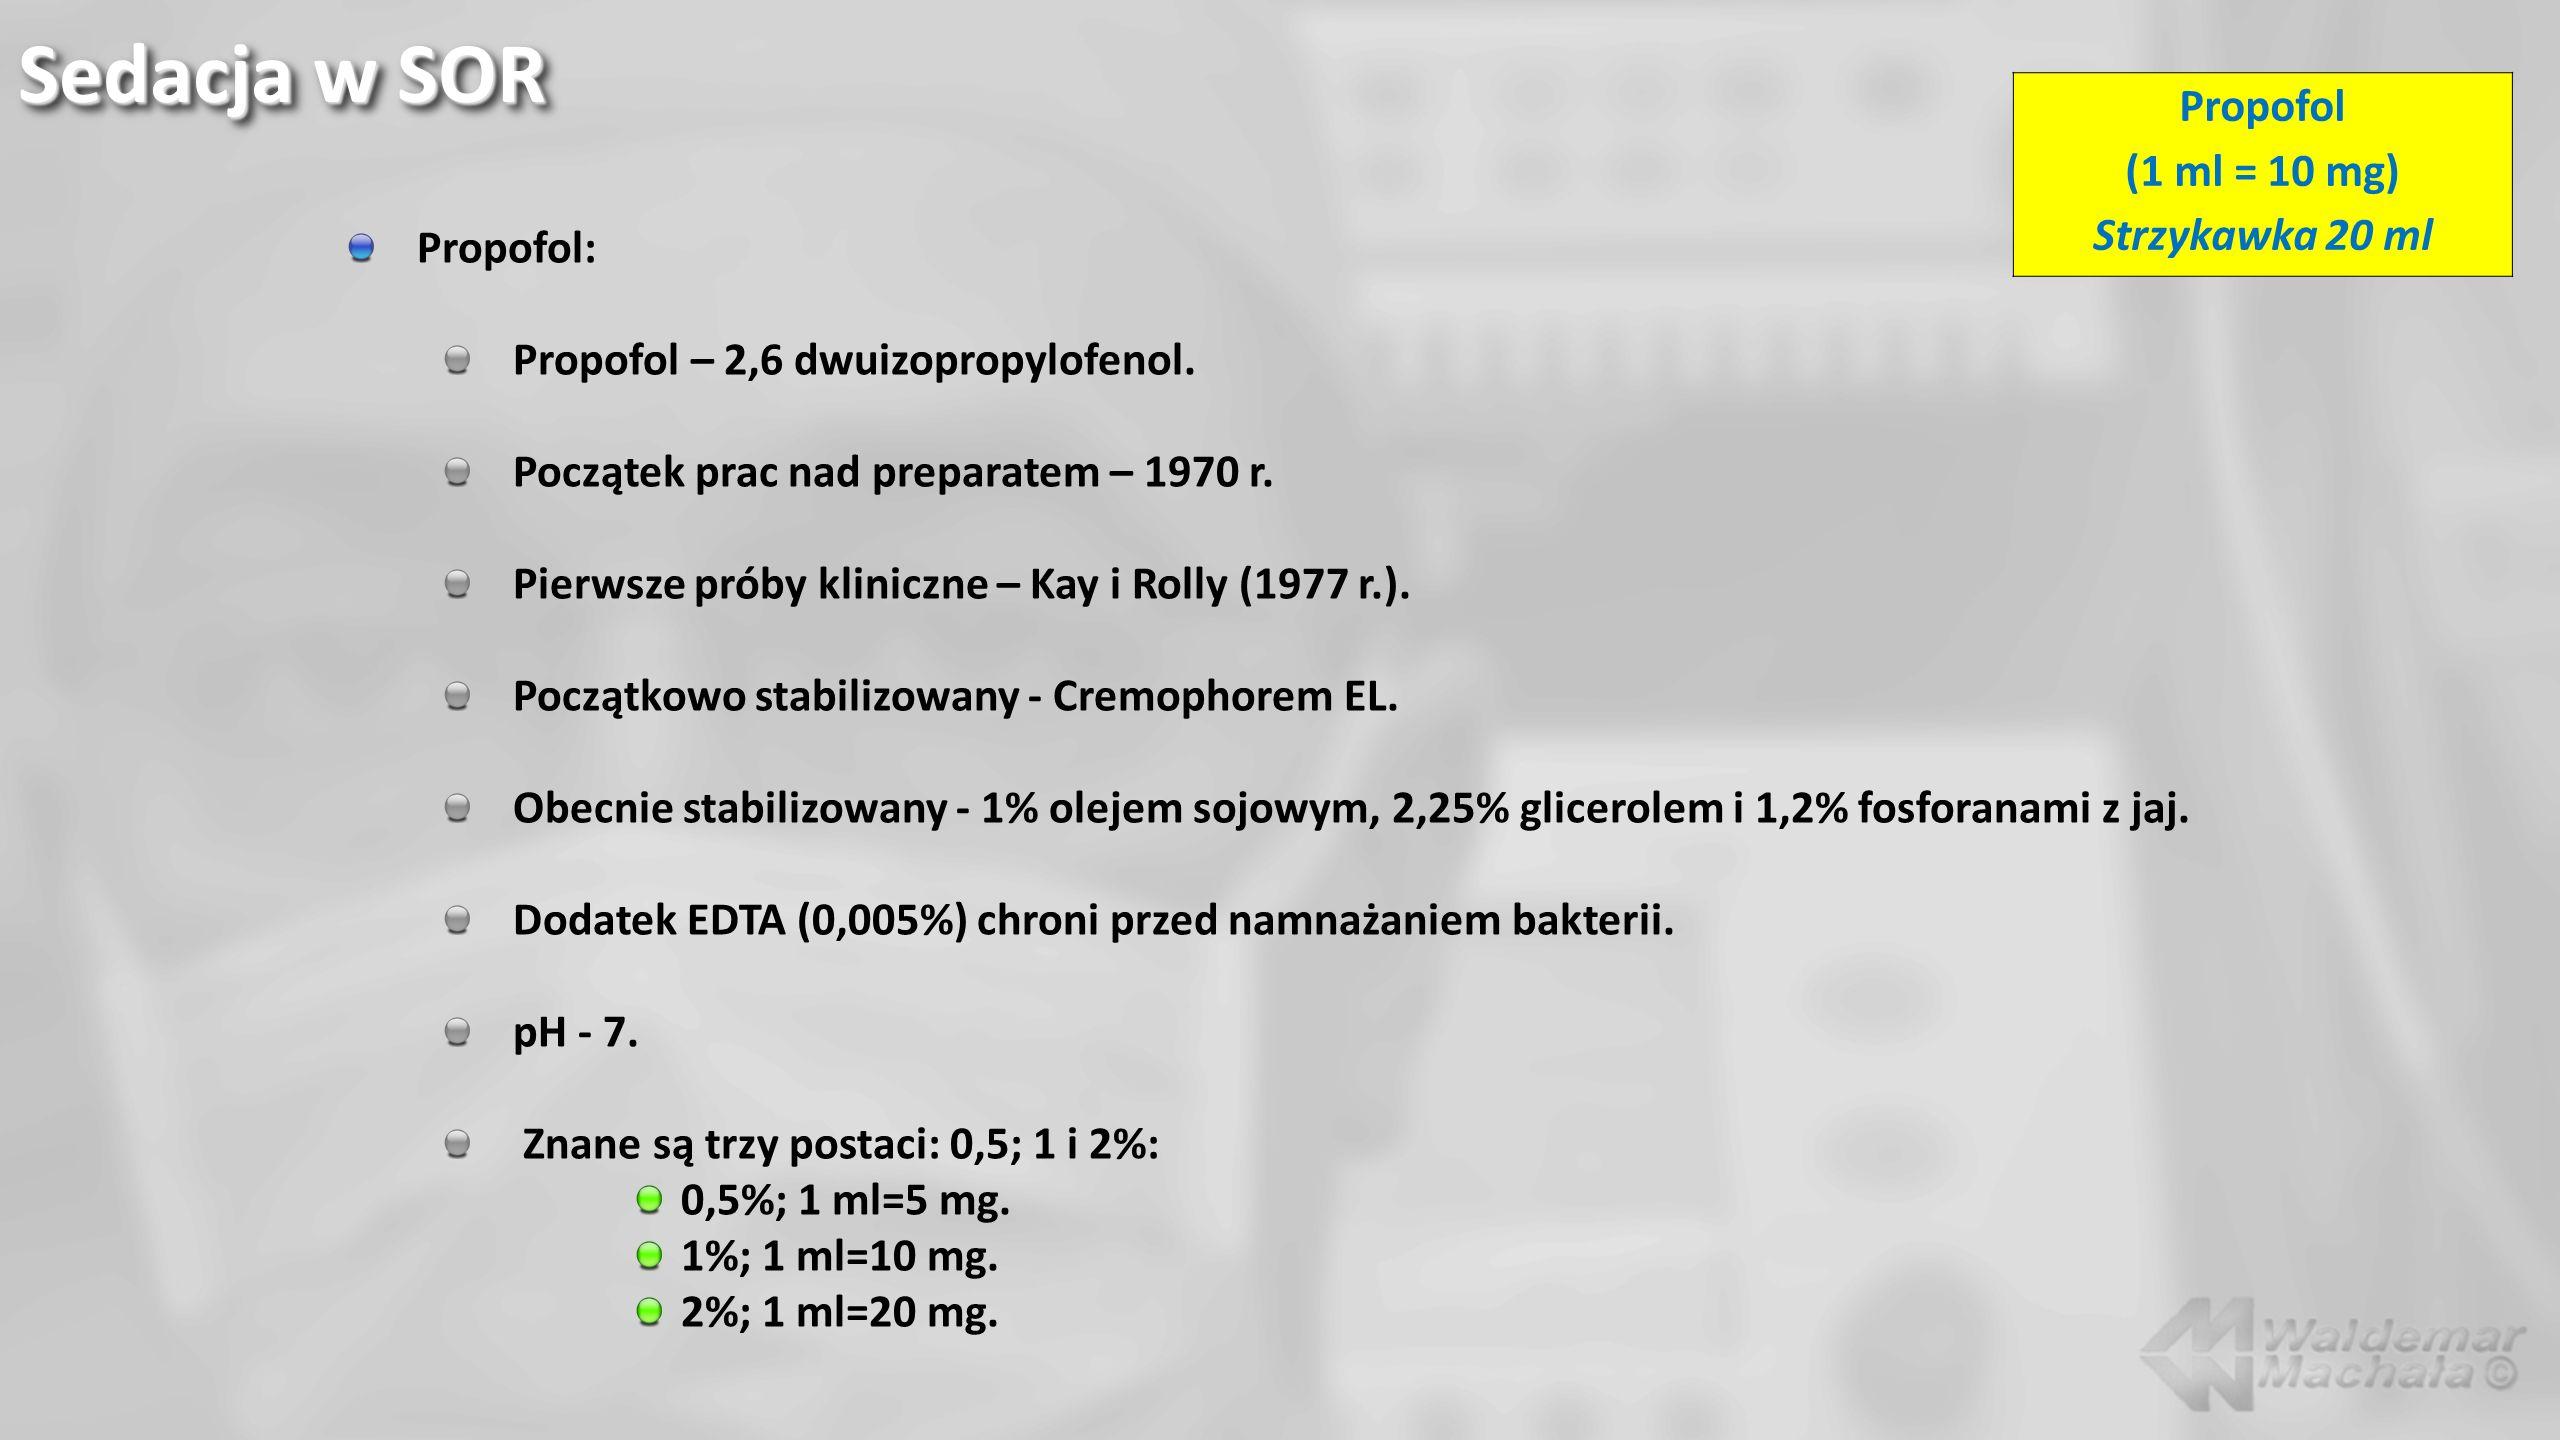 Propofol: Propofol – 2,6 dwuizopropylofenol. Początek prac nad preparatem – 1970 r. Pierwsze próby kliniczne – Kay i Rolly (1977 r.). Początkowo stabi